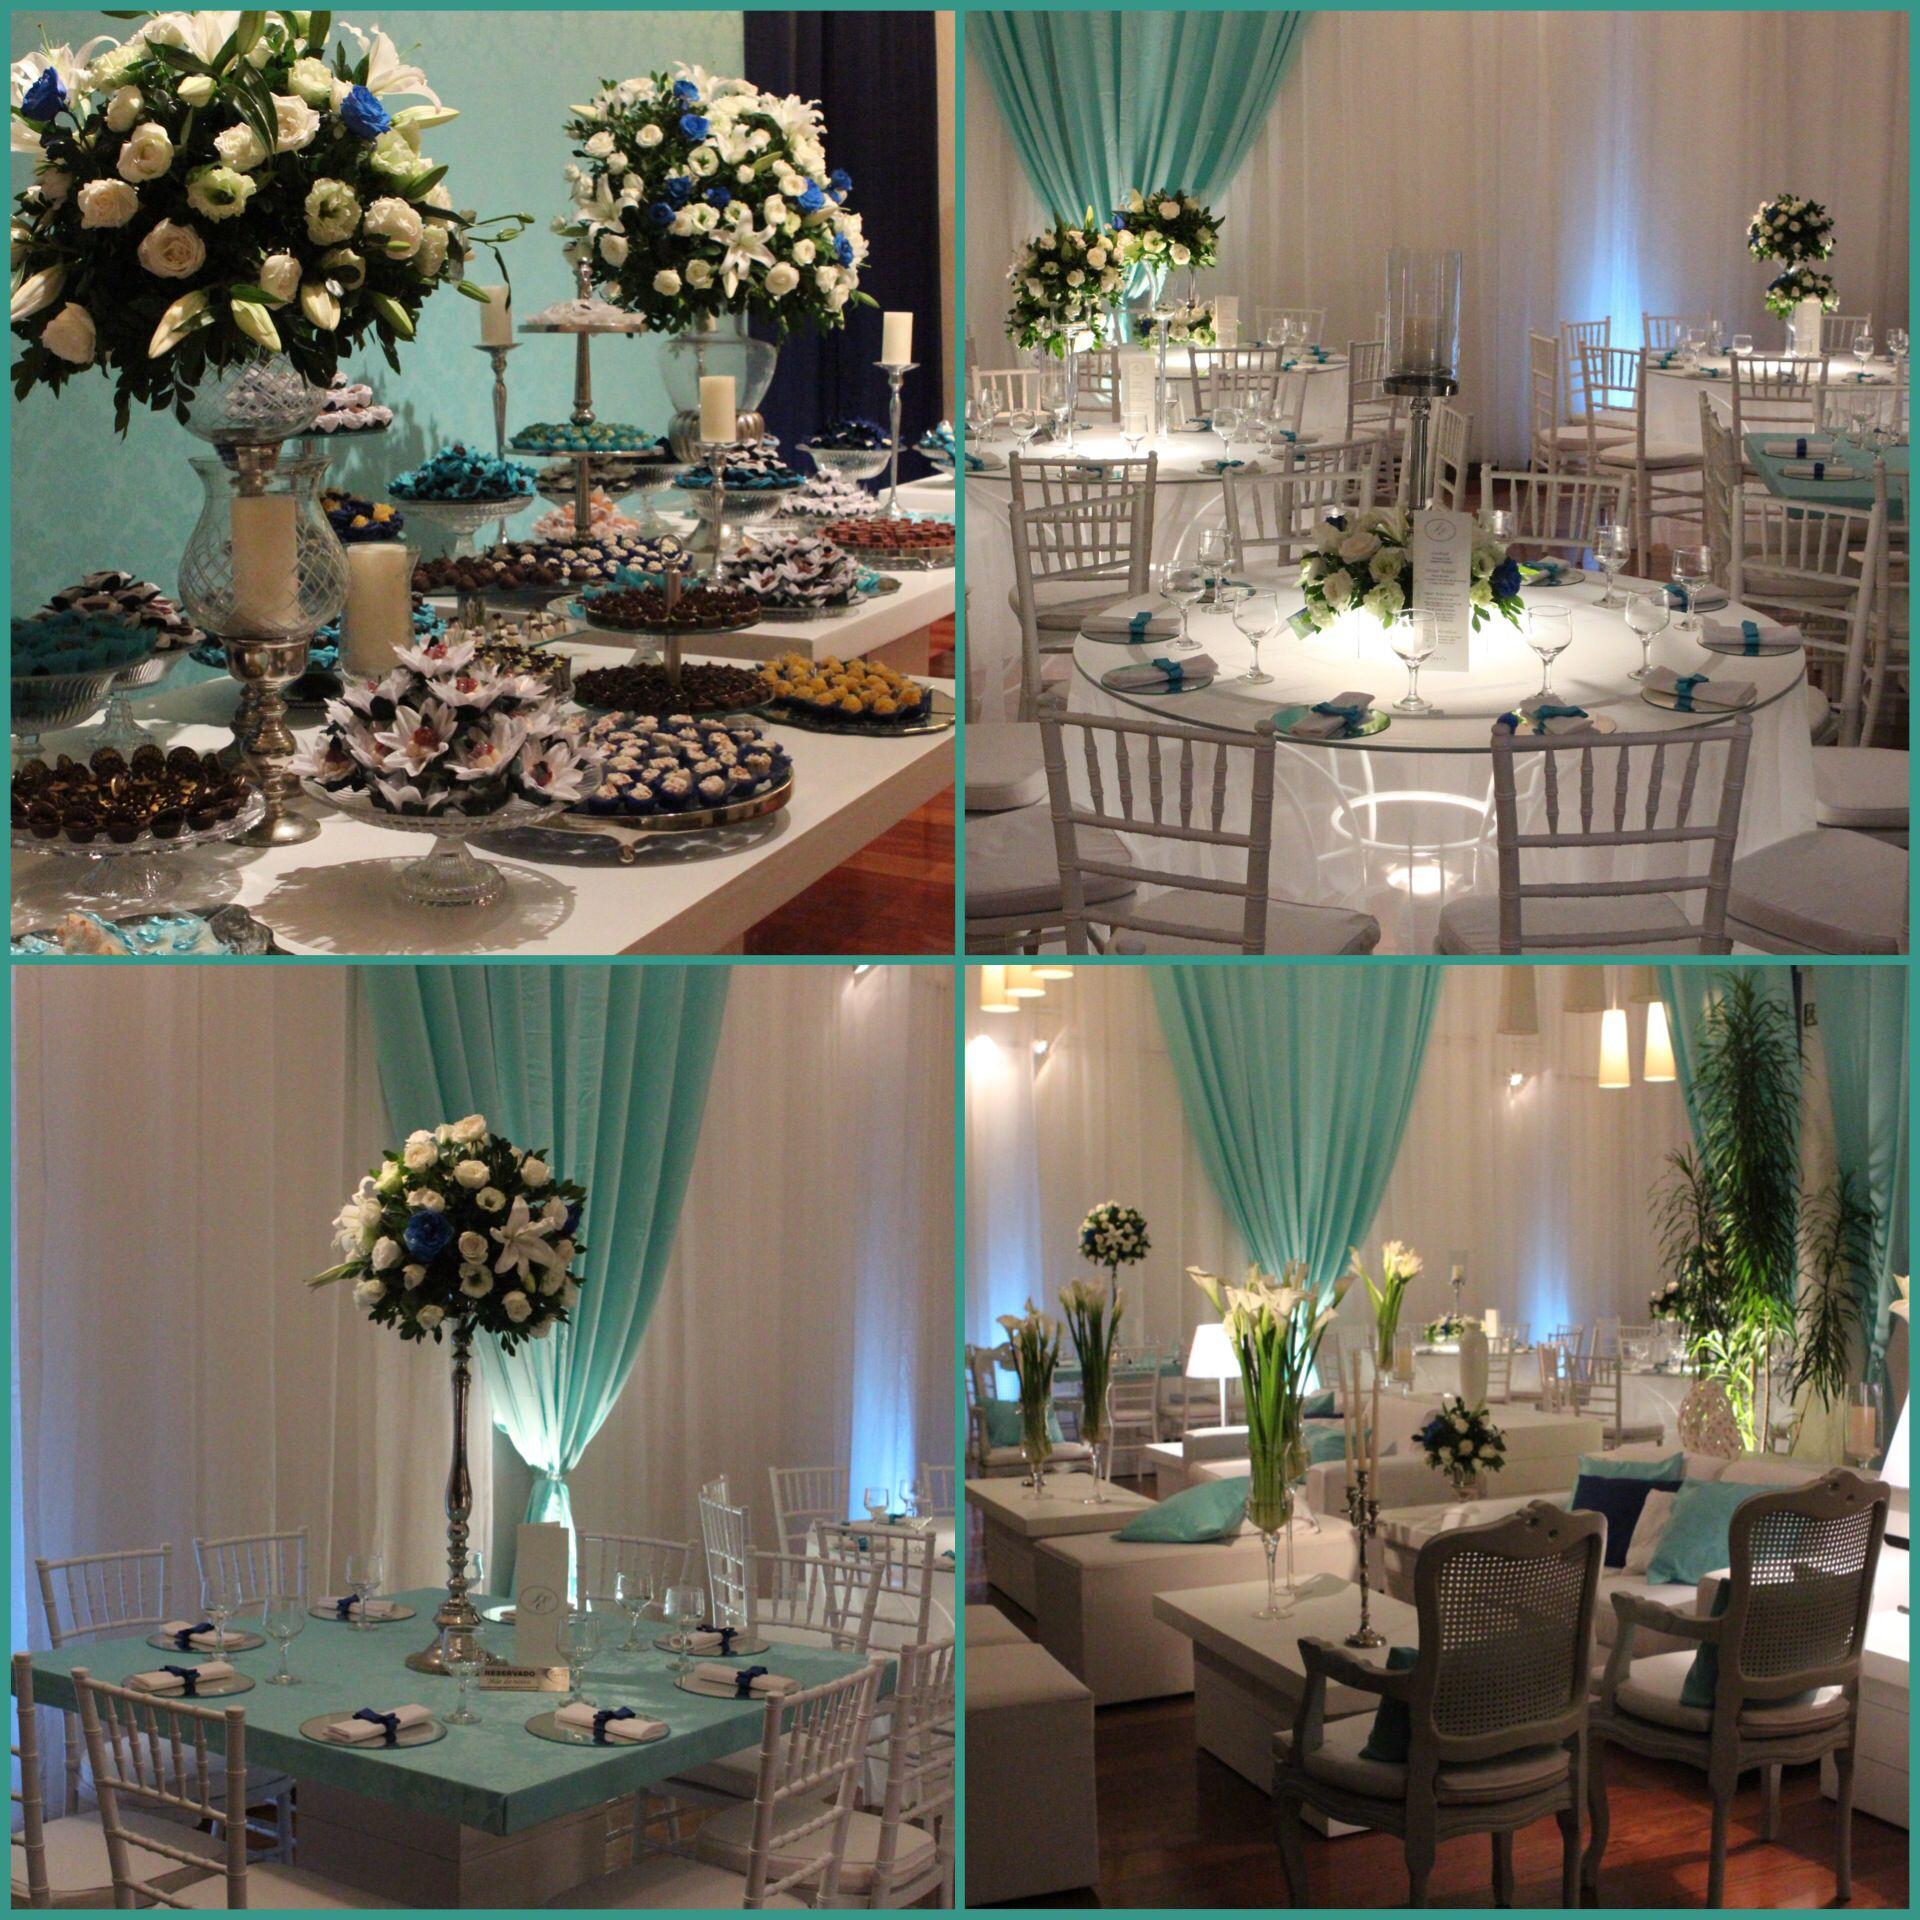 Casamento azul Tiffany  Decoraç u00e3o de Festas by me Ornamentaç u00e3o casamento, Casamento azul